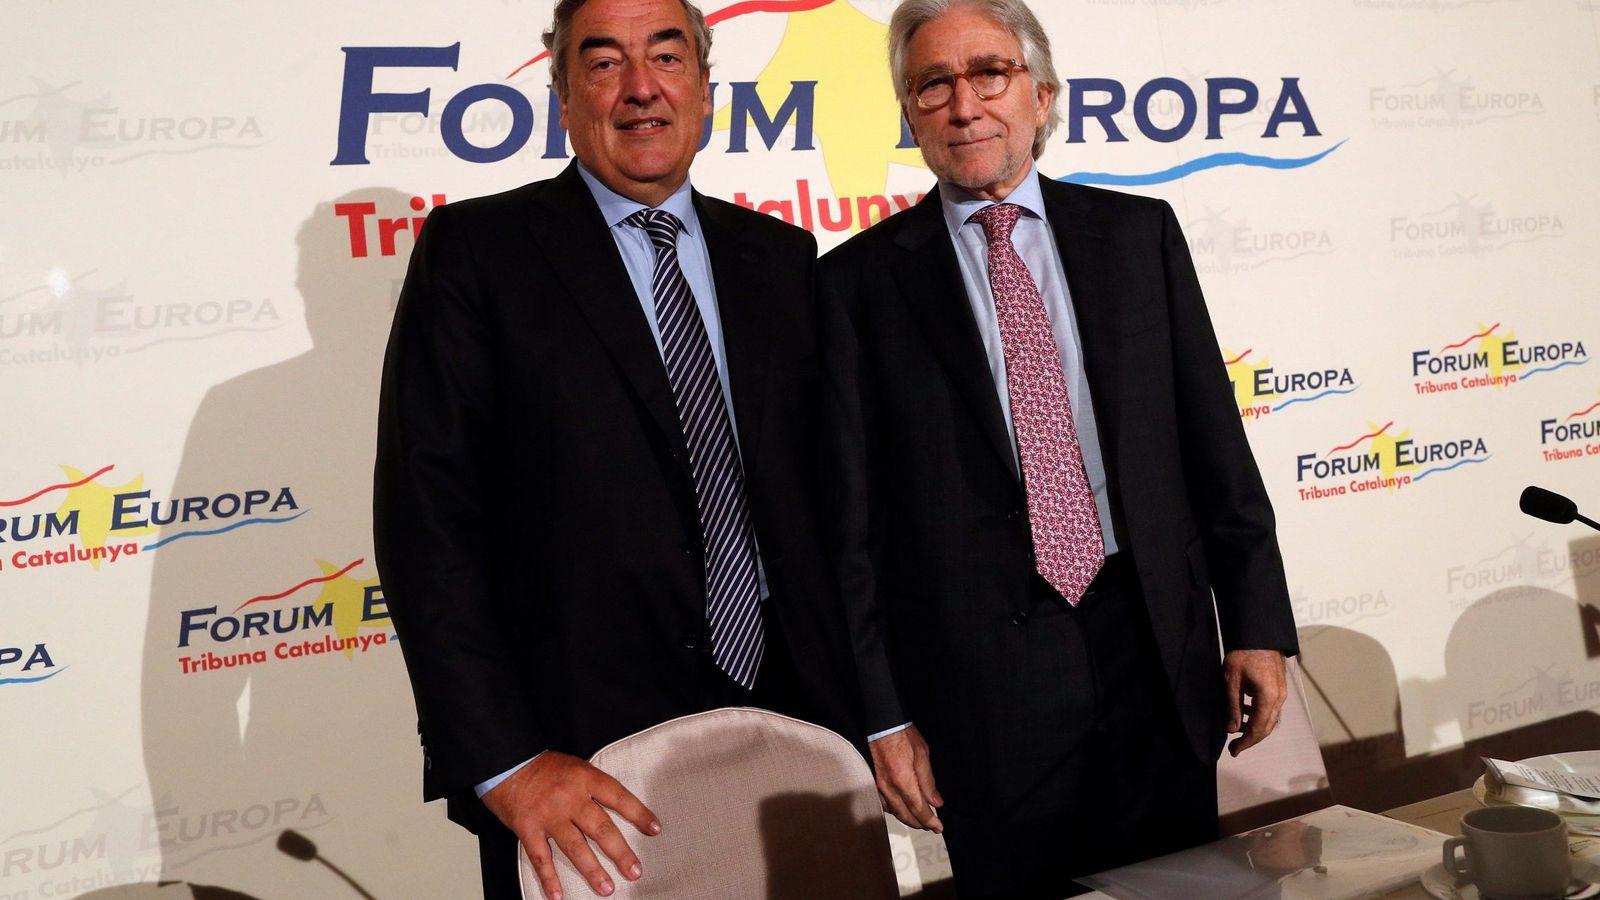 Foto: El empresario y exdiputado de UDC Josep Sánchez Llibre (d), y el presidente de la CEOE, Joan Rosell (i) a su llegada a el Fórum Europa Tribuna Cataluña. (EFE)